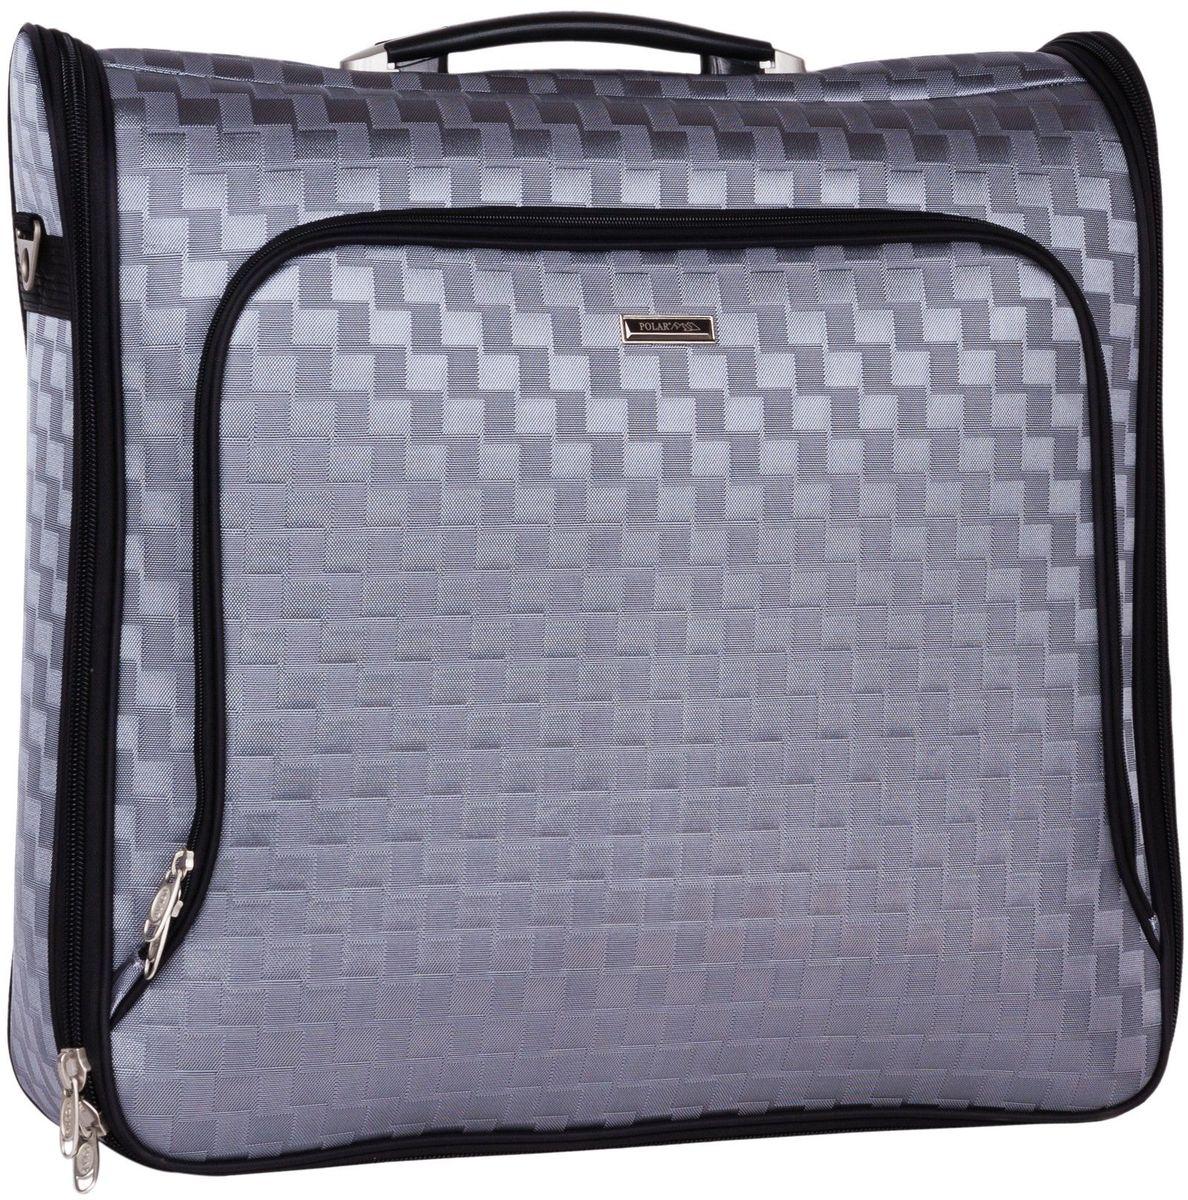 Портплед Polar, цвет: серый, 41 л, 53 х 55 х 14 см. П7084П7084Портплед представляет собой дорожный чехол, предназначенный для транспортировки костюмов или комплектов одежды. Портплед имеет складную конструкцию, что позволяет избежать сминания и деформации одежды. Портплед Polar выполнен из плотного полиэстера и застегивается на двойную застежку-молнию. Основной отдел в форме чехла с вешалкой. С внутренней стороны, посередине, фиксатор багажа. Сетчатый карман на молнии.С внешней стороны имеются объёмный и плоский карманы на молнии.Портплед оснащен ручкой для переноски, предусмотрен металлический крючок для подвешивания. В комплекте съемный плечевой ремень.